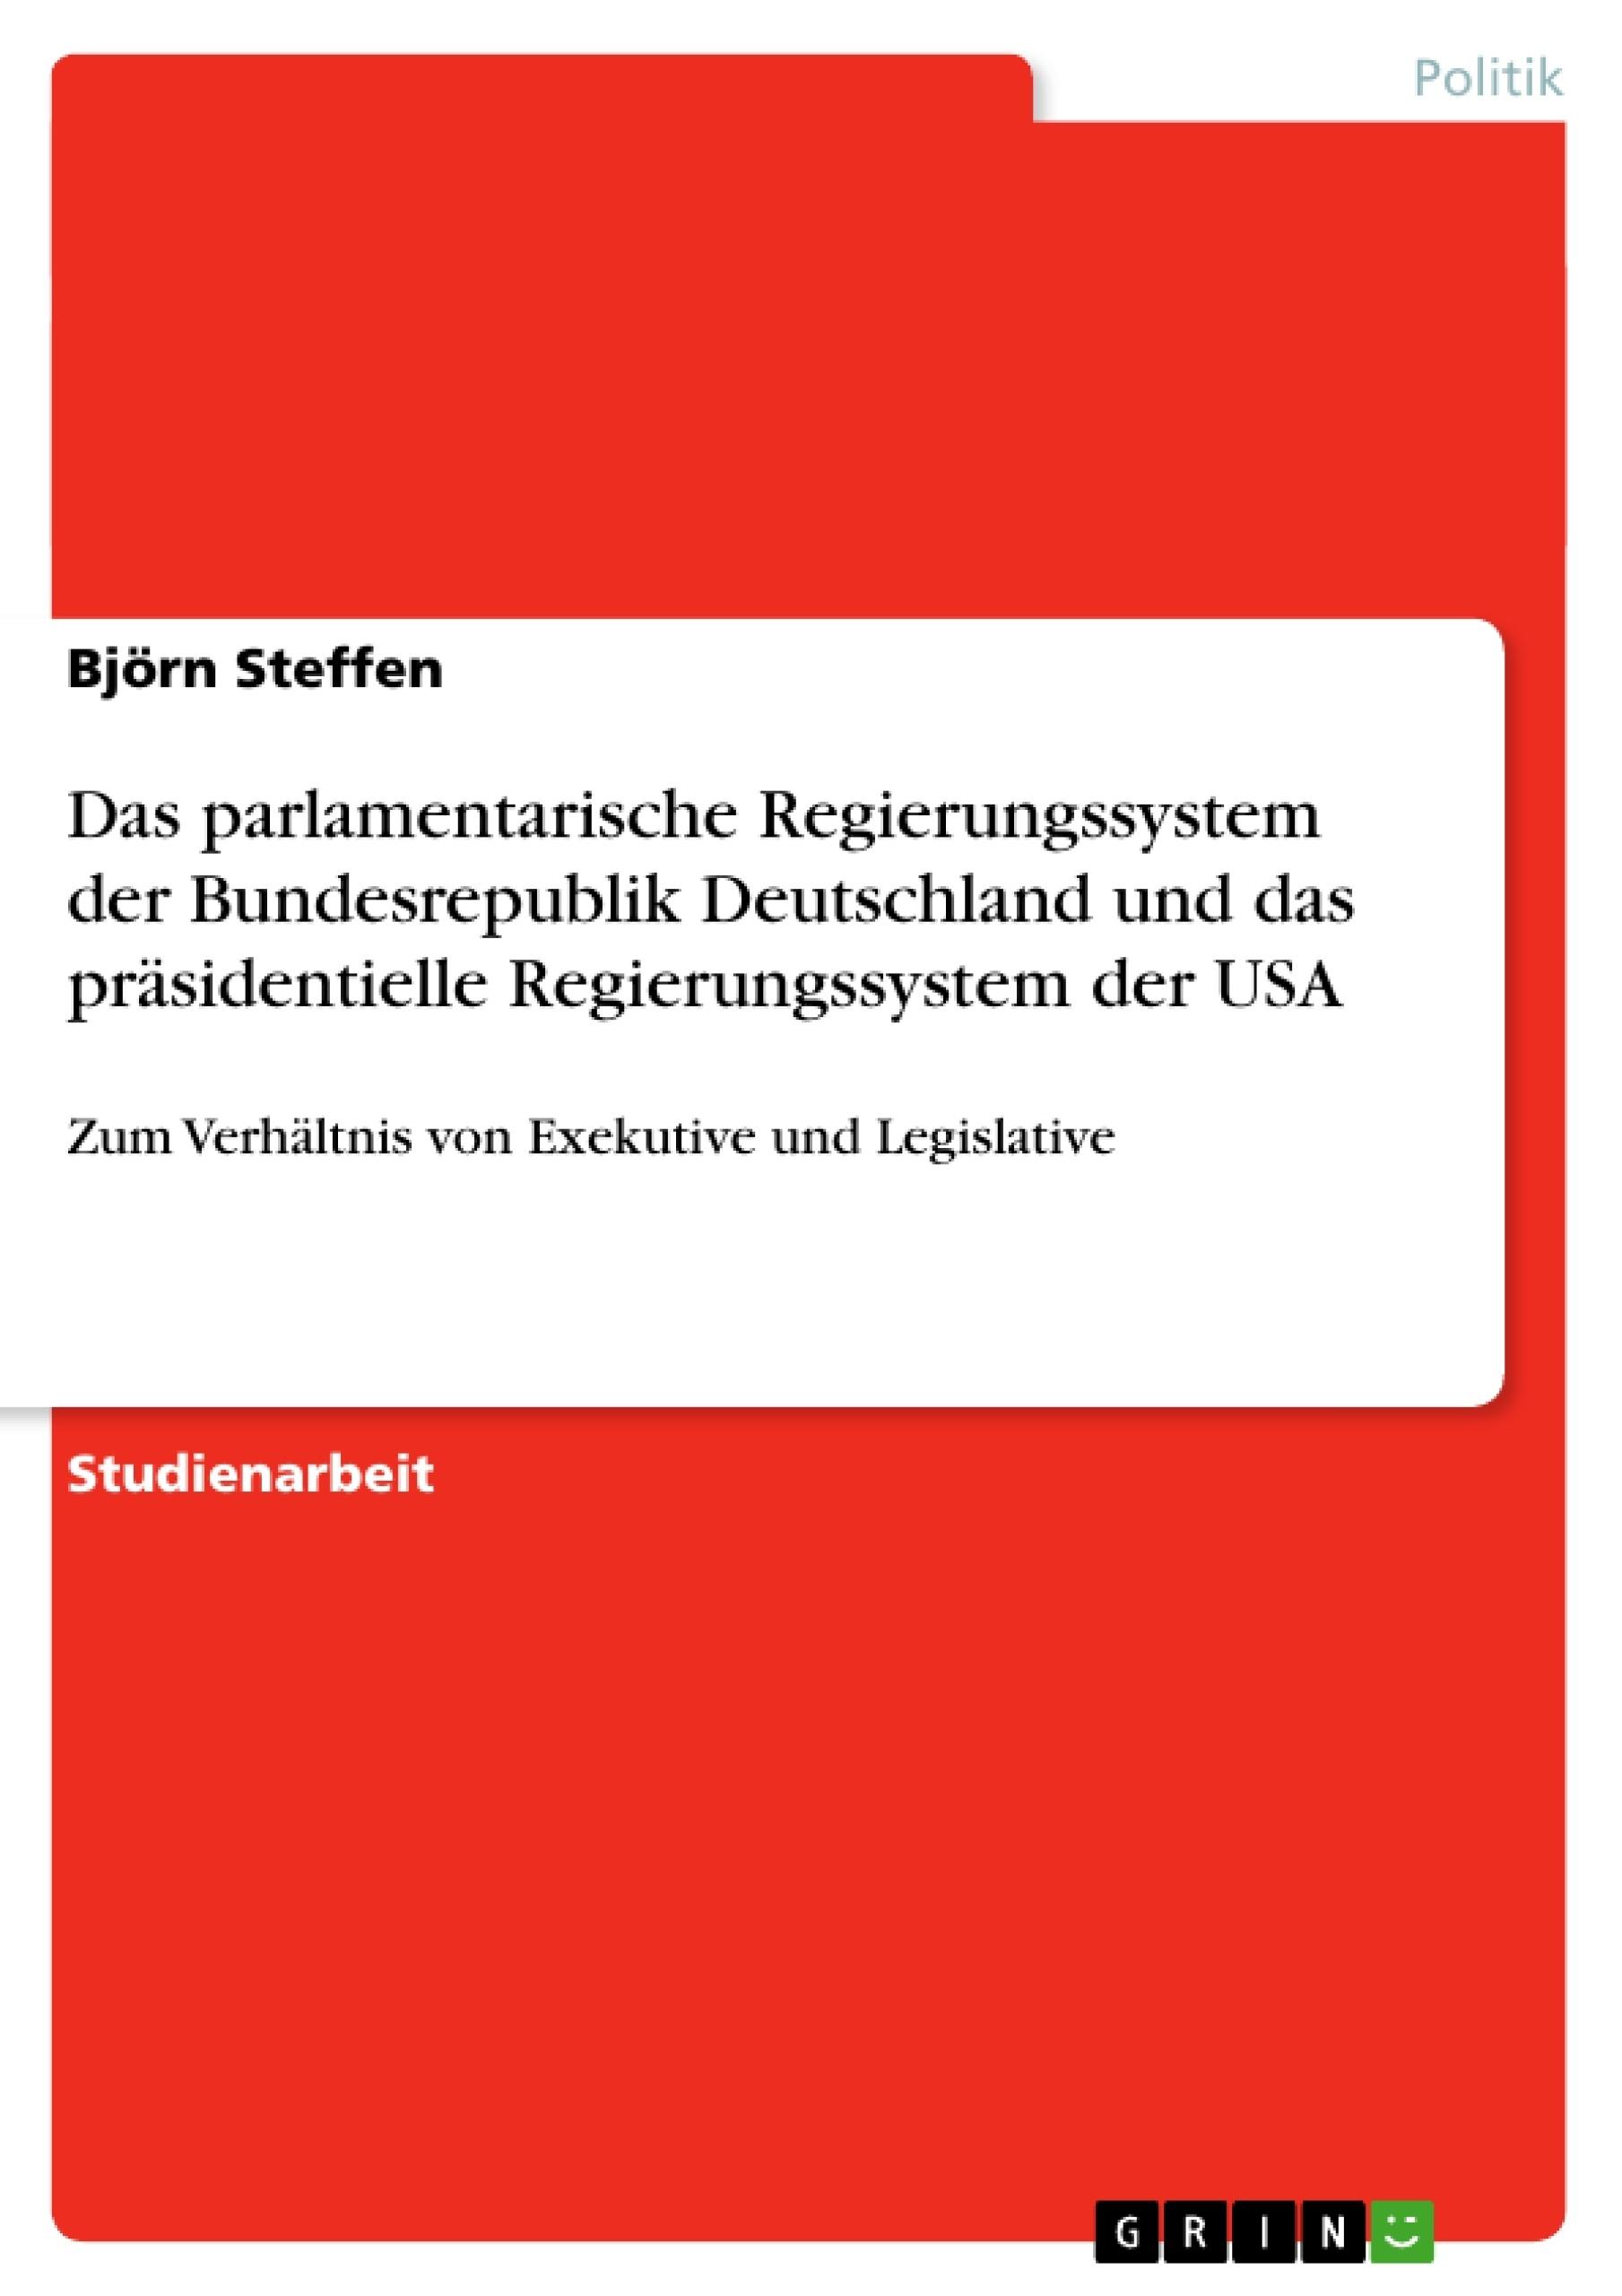 Titel: Das parlamentarische Regierungssystem der Bundesrepublik Deutschland und das präsidentielle Regierungssystem der USA